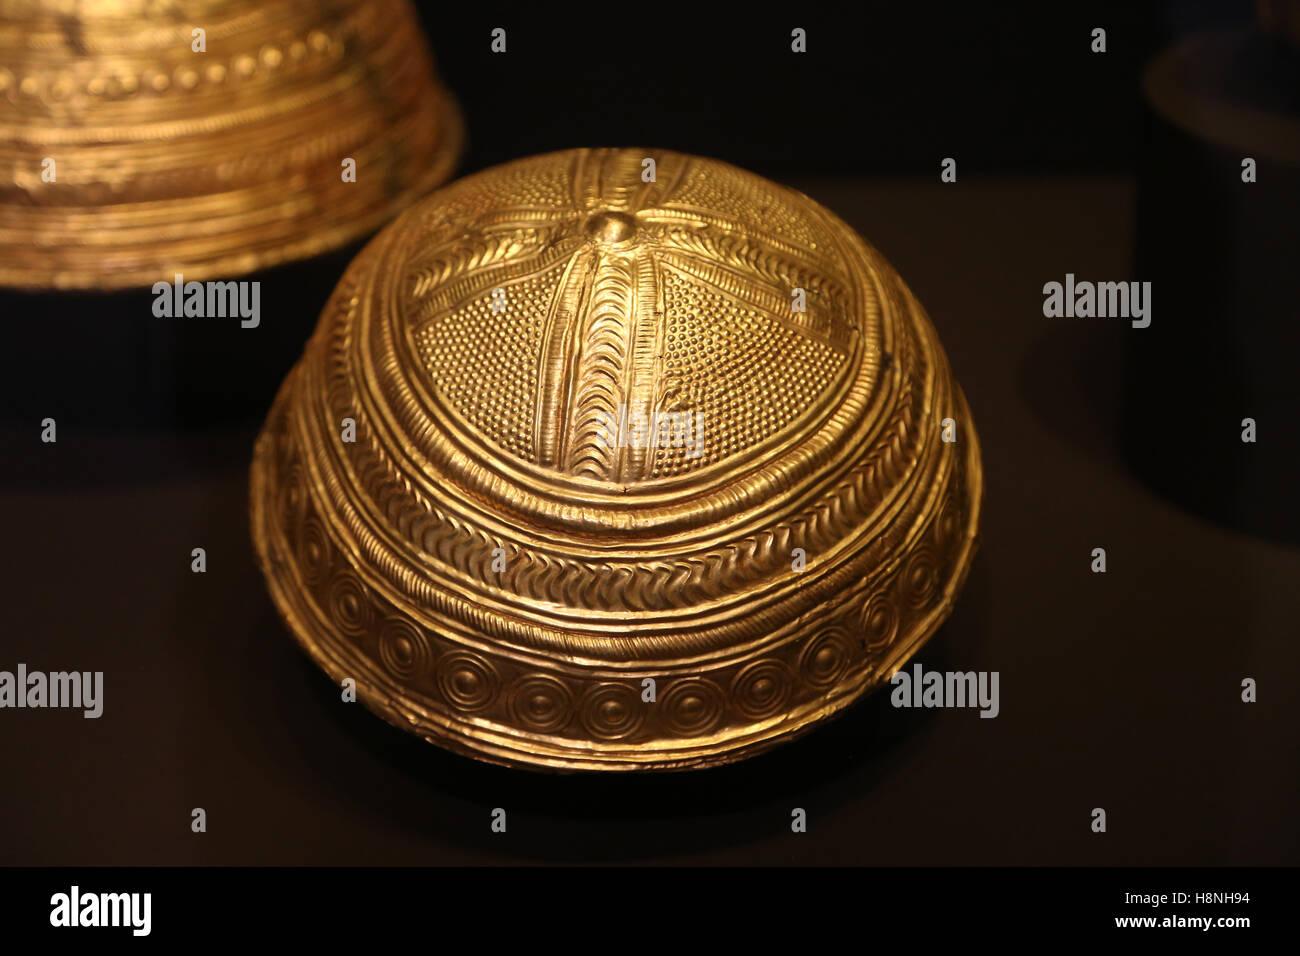 Axtroki Schale. Gold. Späte Bronzezeit. Axtroki, Guipuzcoa, Spanien. 12. bis 19. Jahrhundert BC. Archäologisches Stockbild